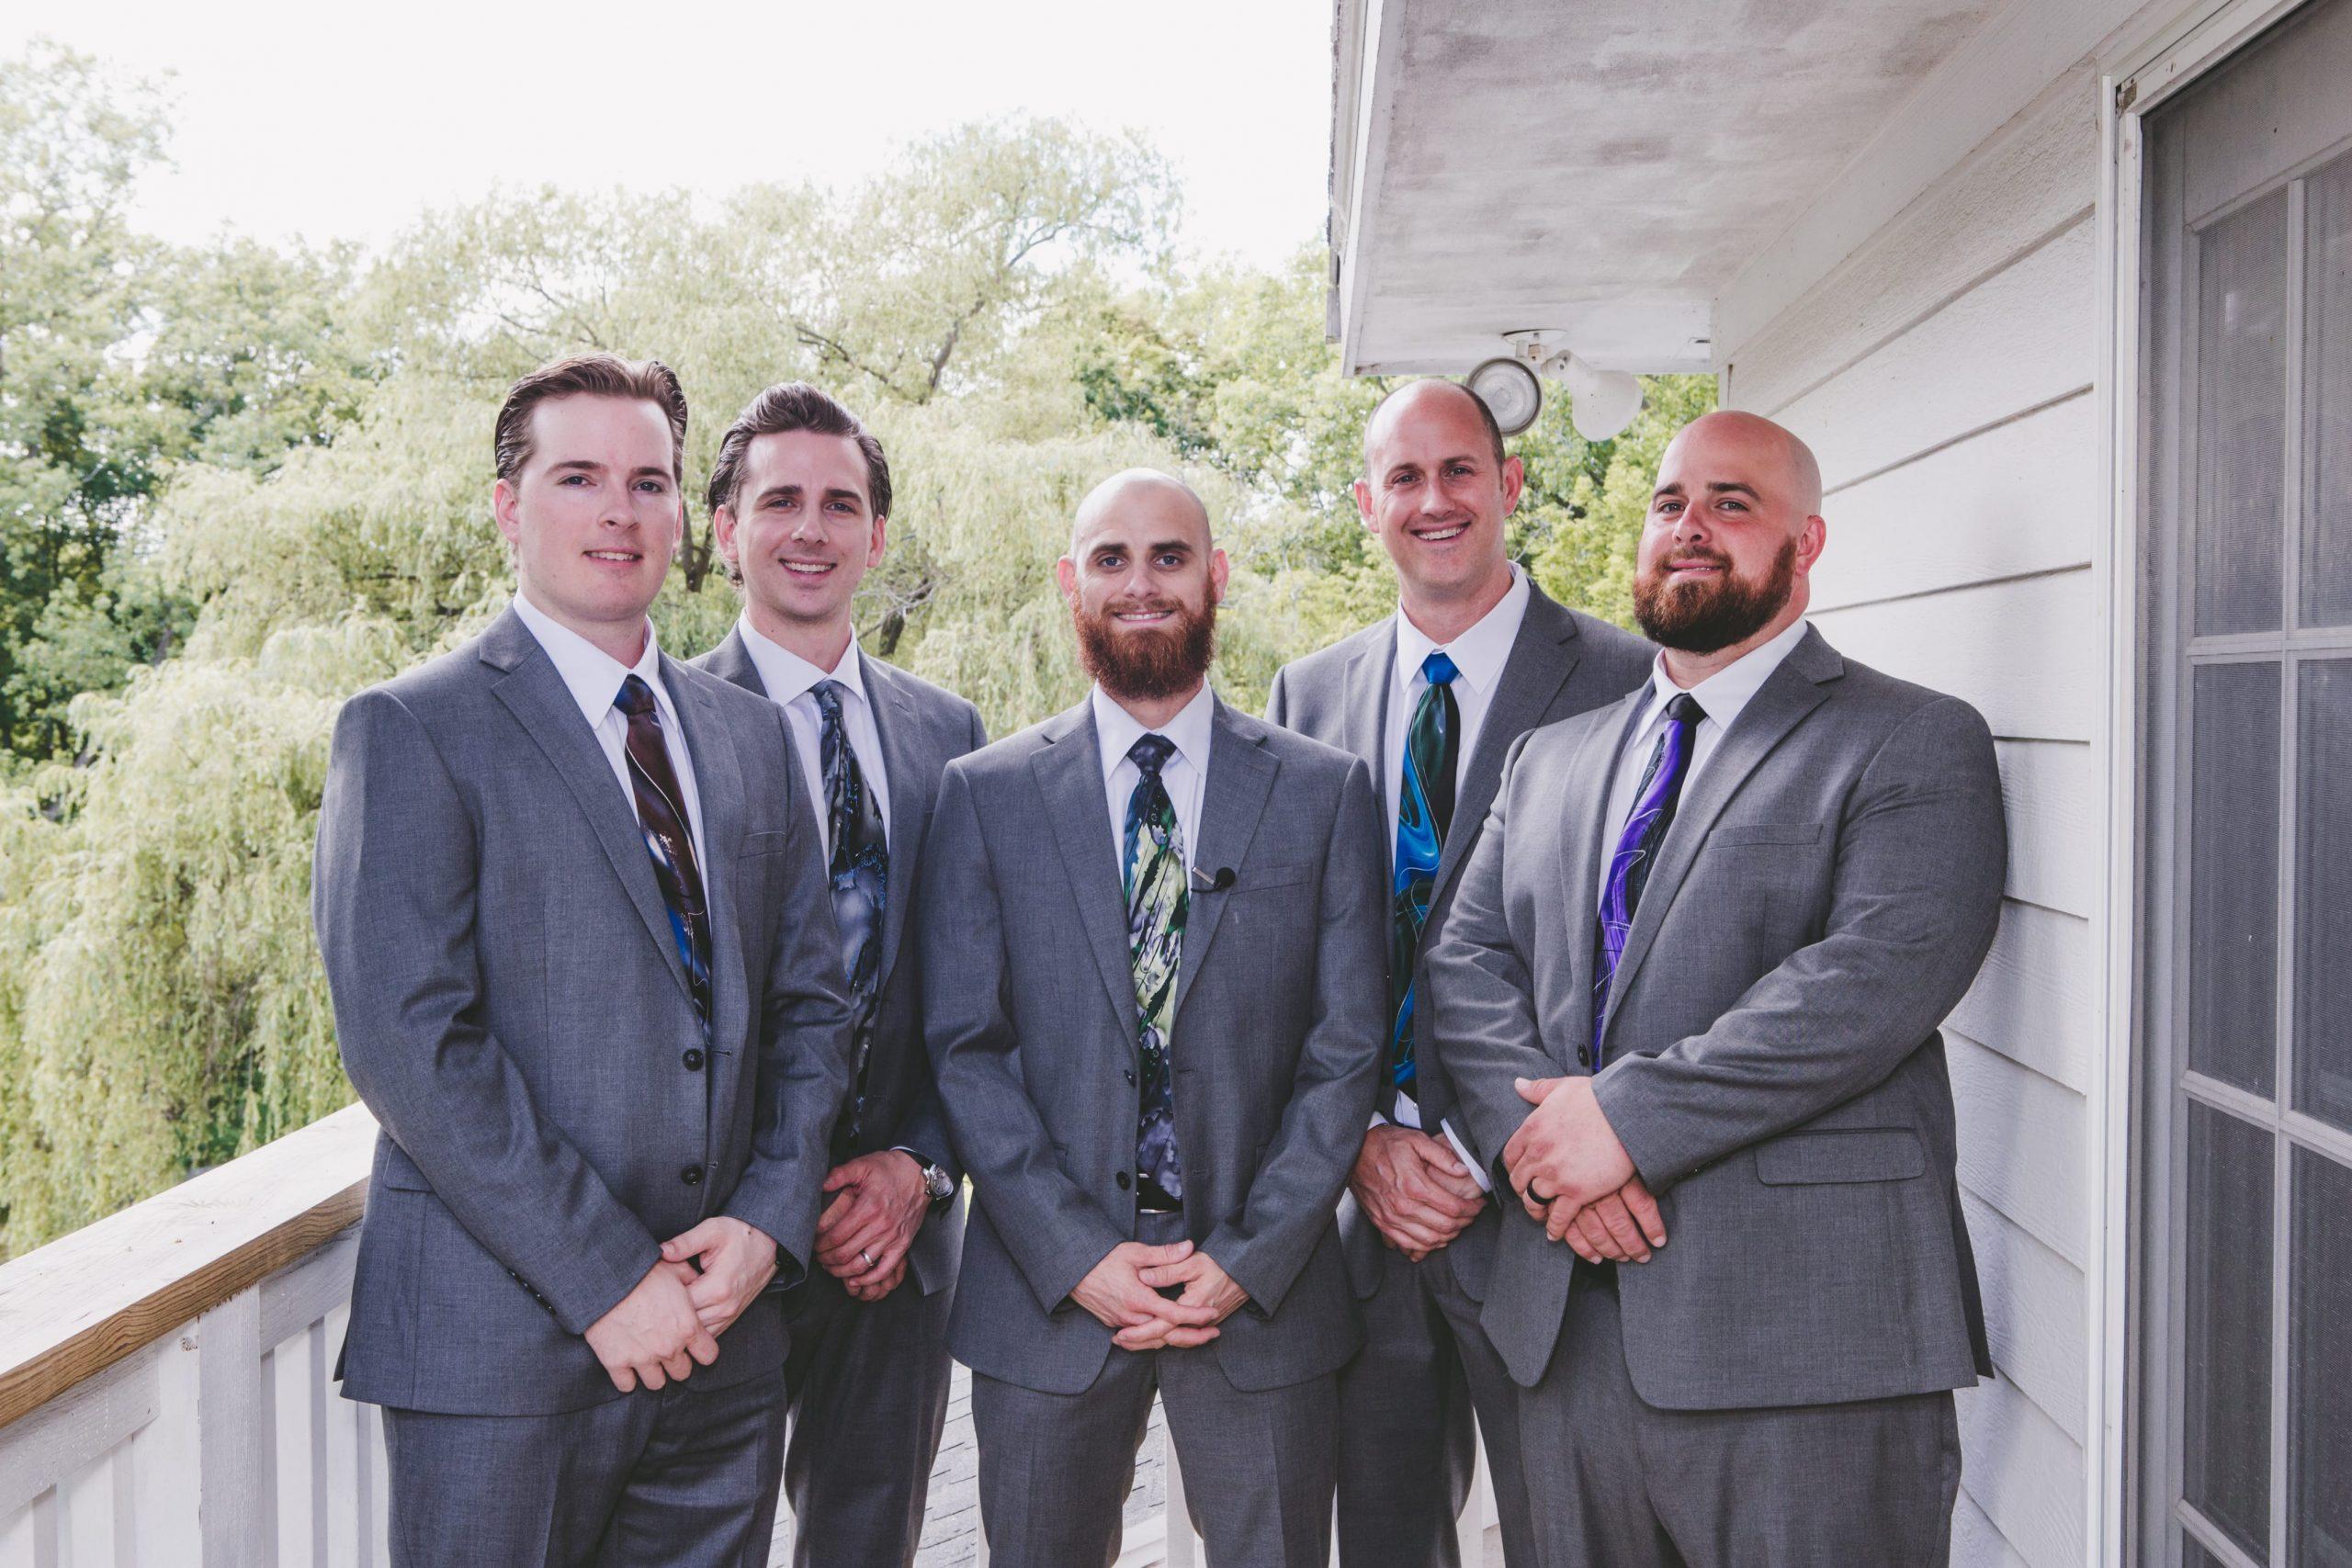 groomsmen pre-ceremony